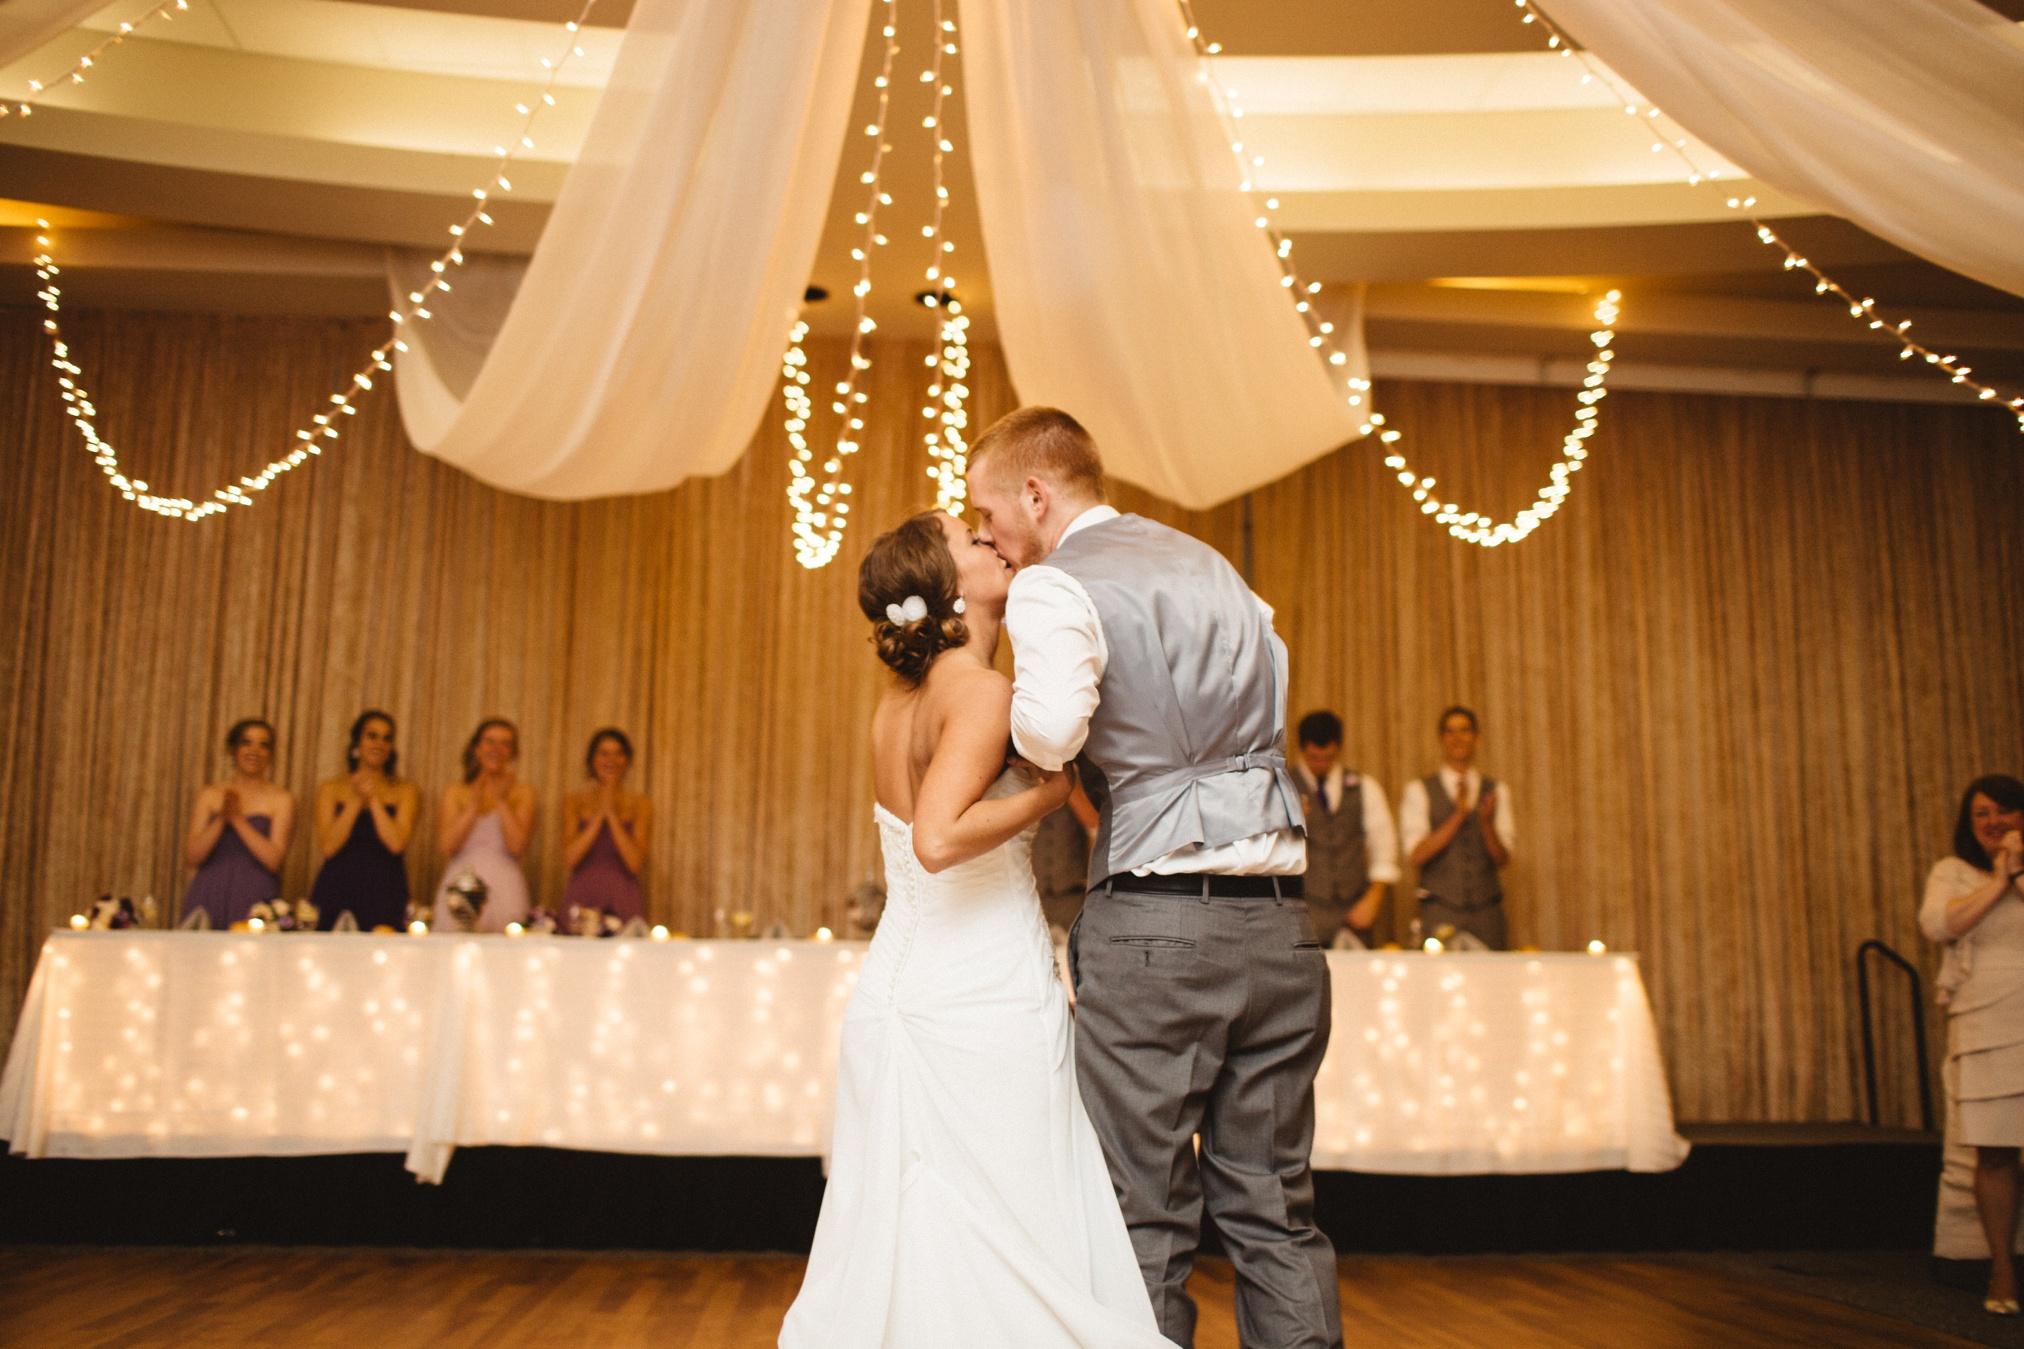 Vanderhart_Wedding-377